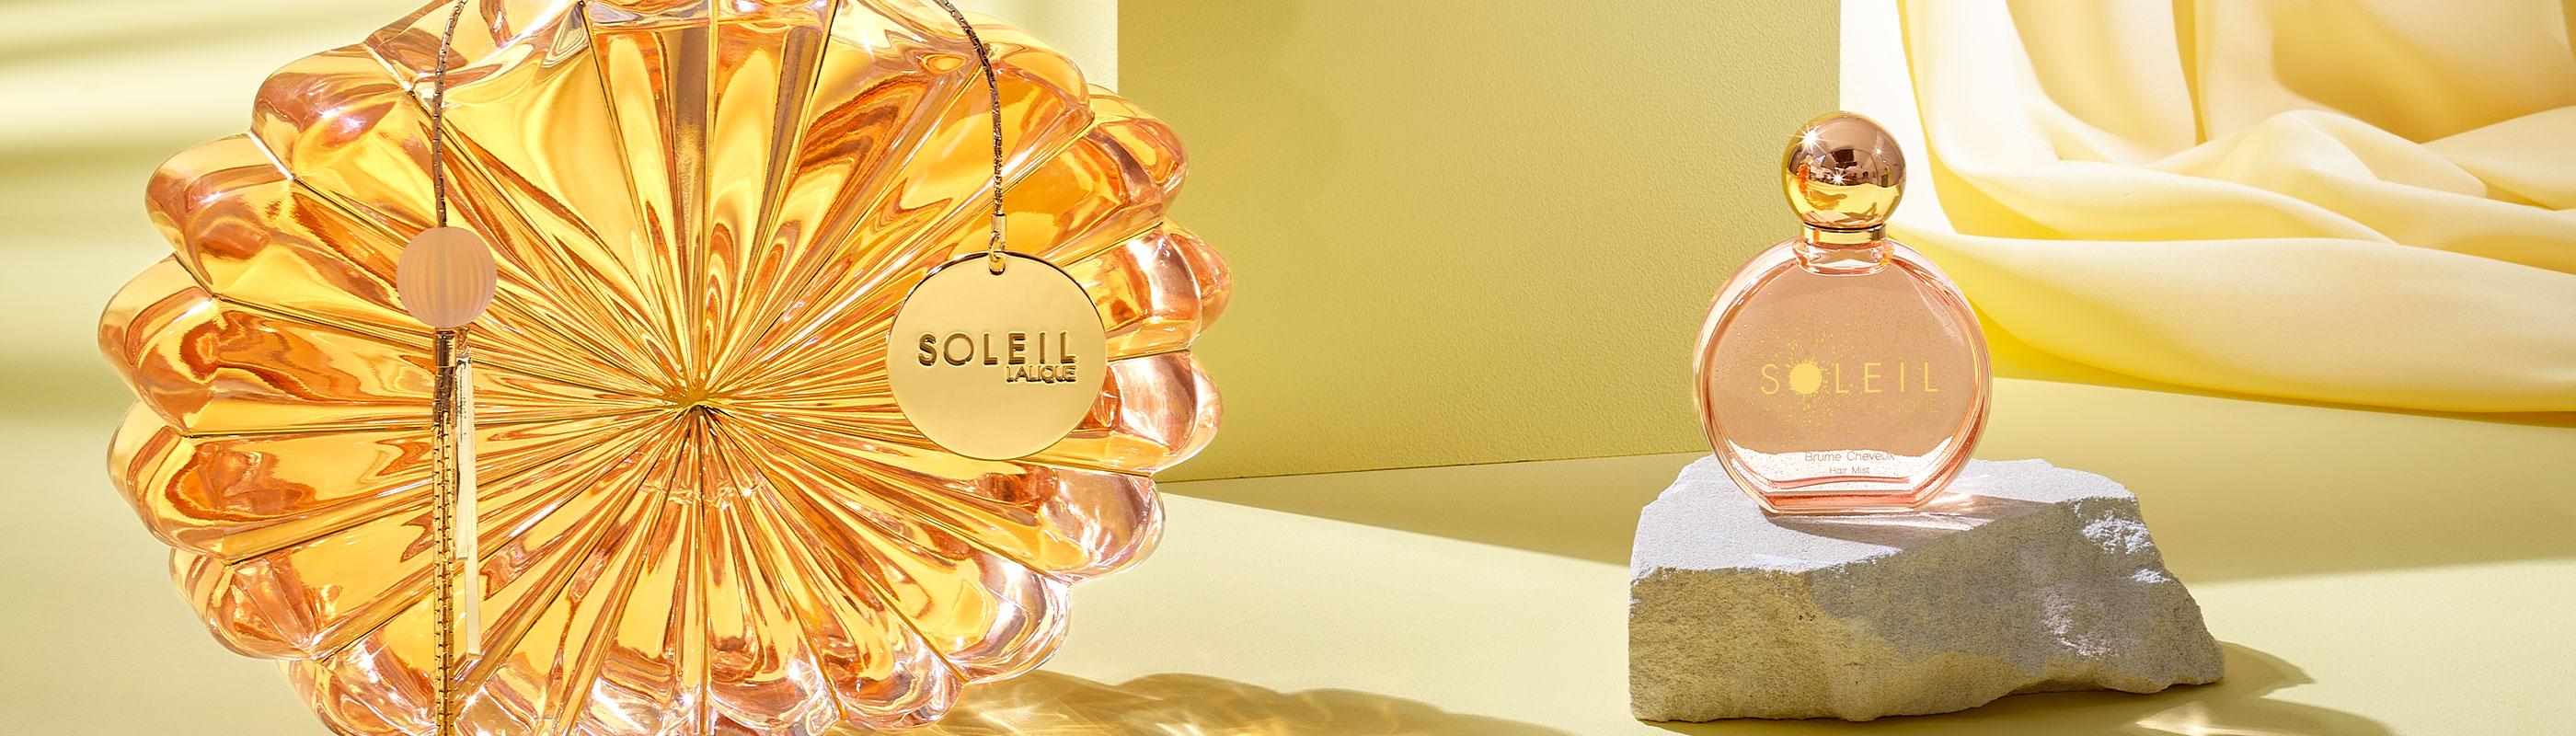 Soleil Lalique Line